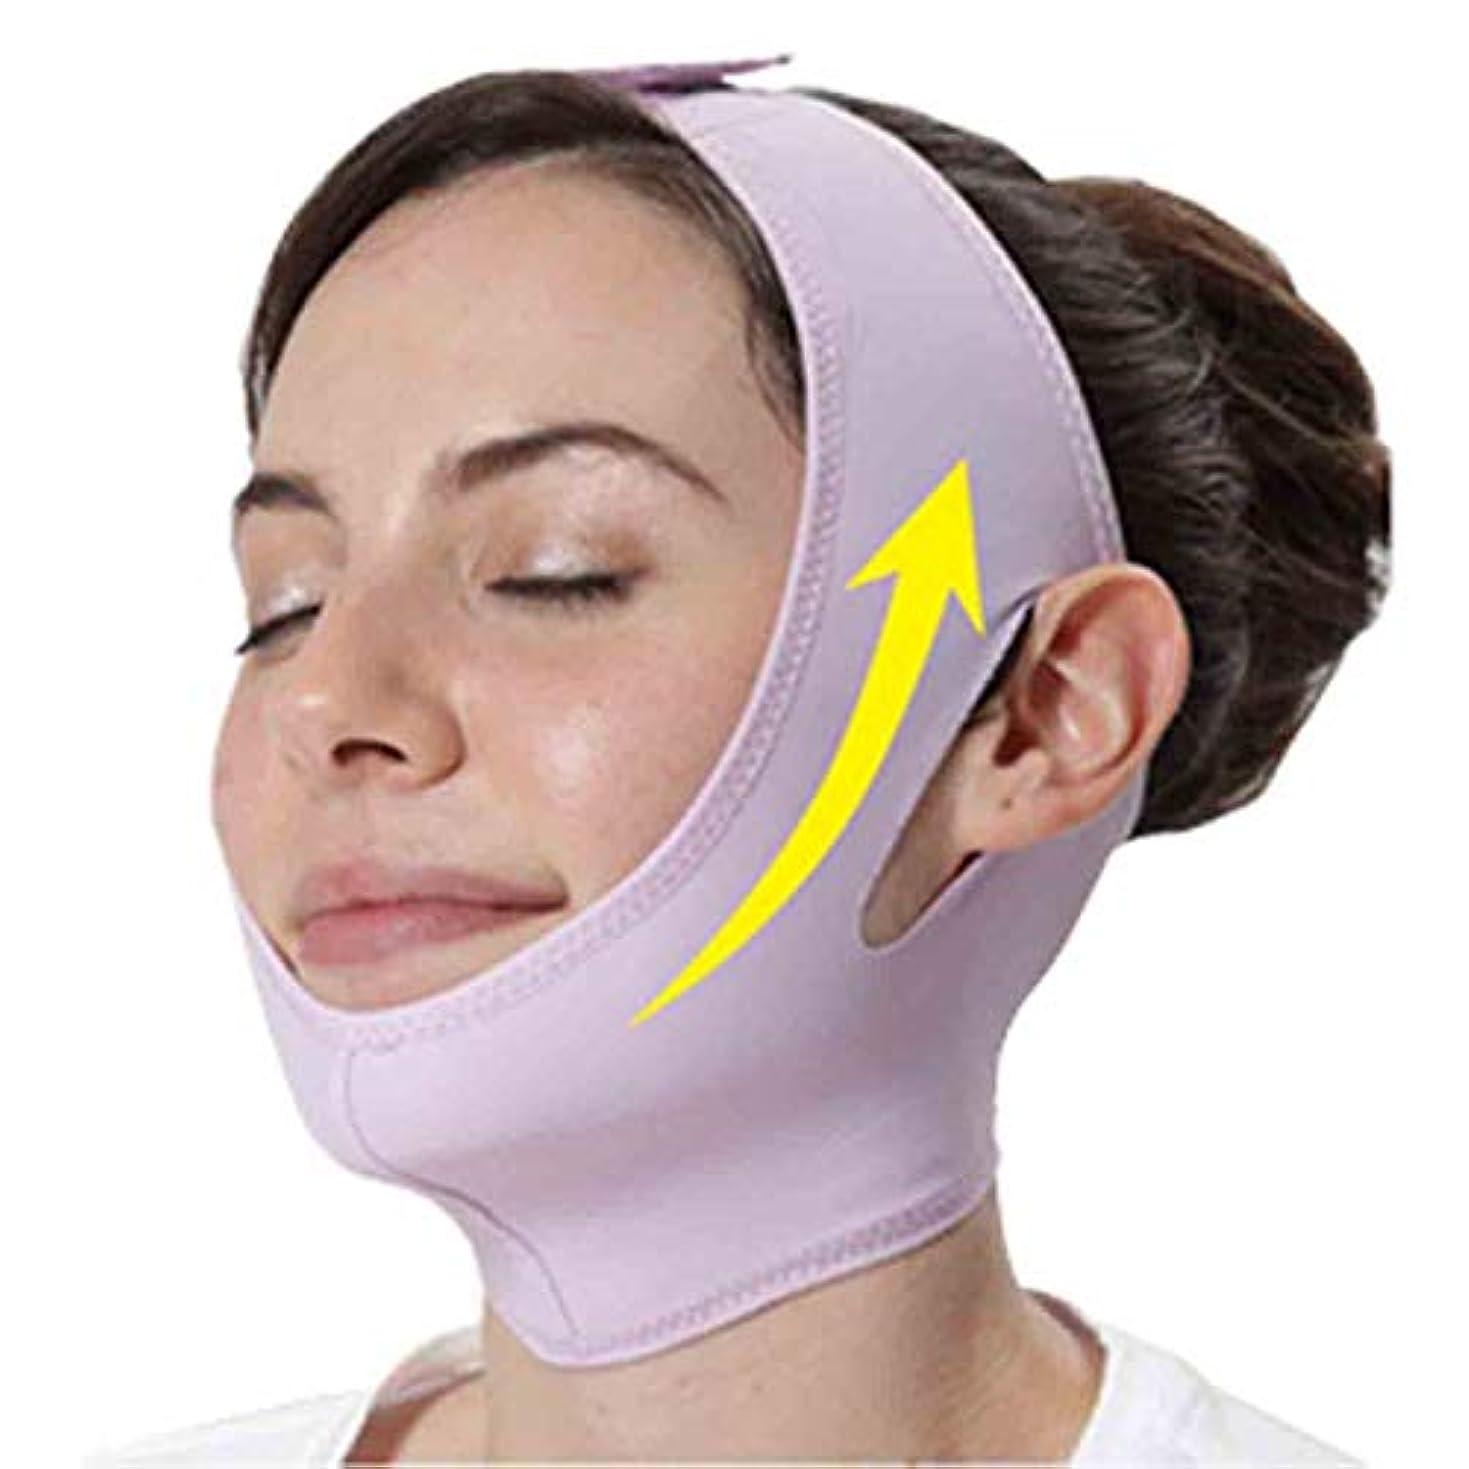 コンテスト貸す硬化するAlleygem_GJ 小顔 矯正 マスク リフトアップ メンズ レディース FceMsk